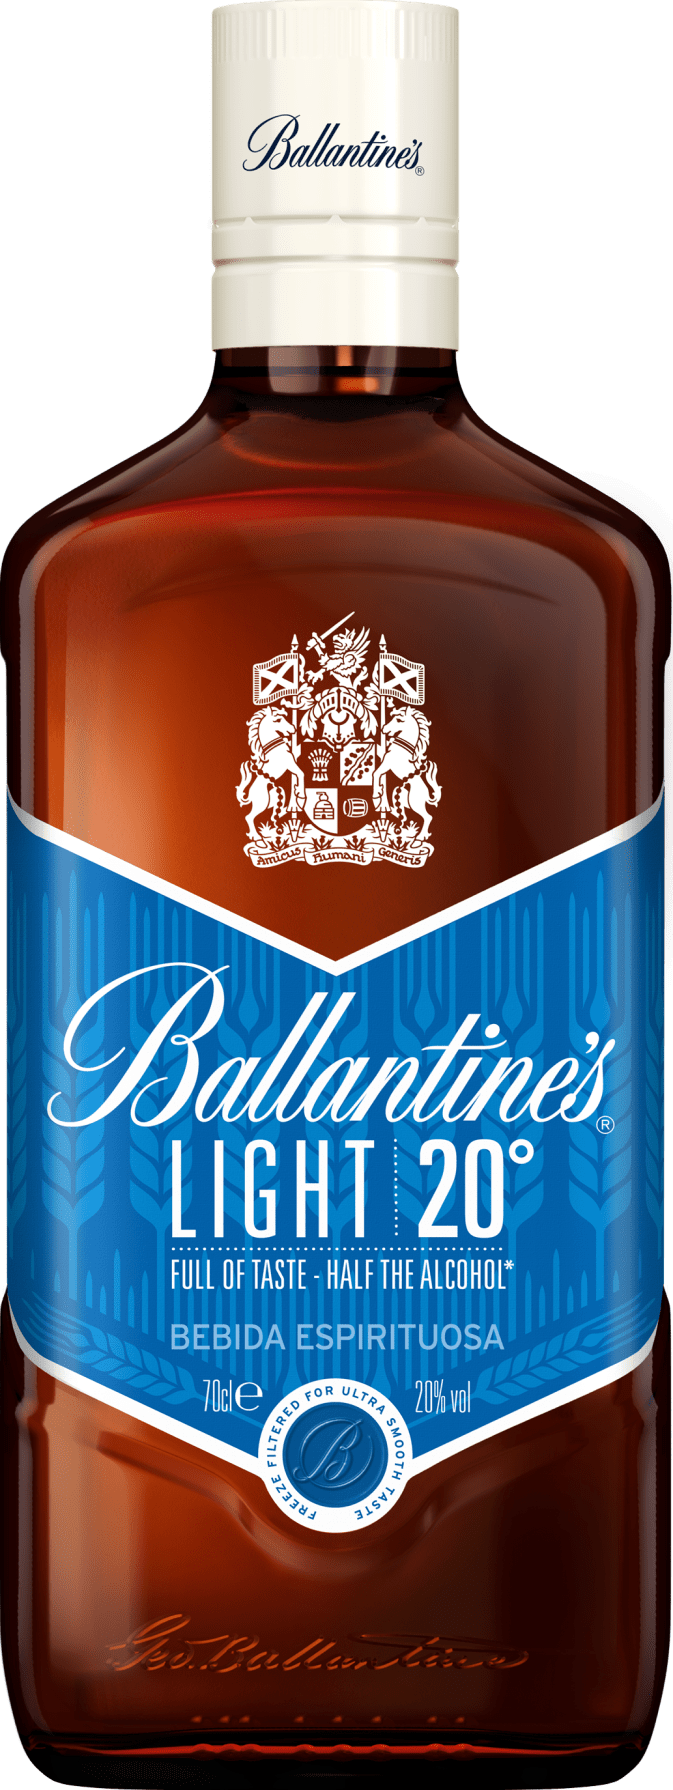 ballantines-light-bottle